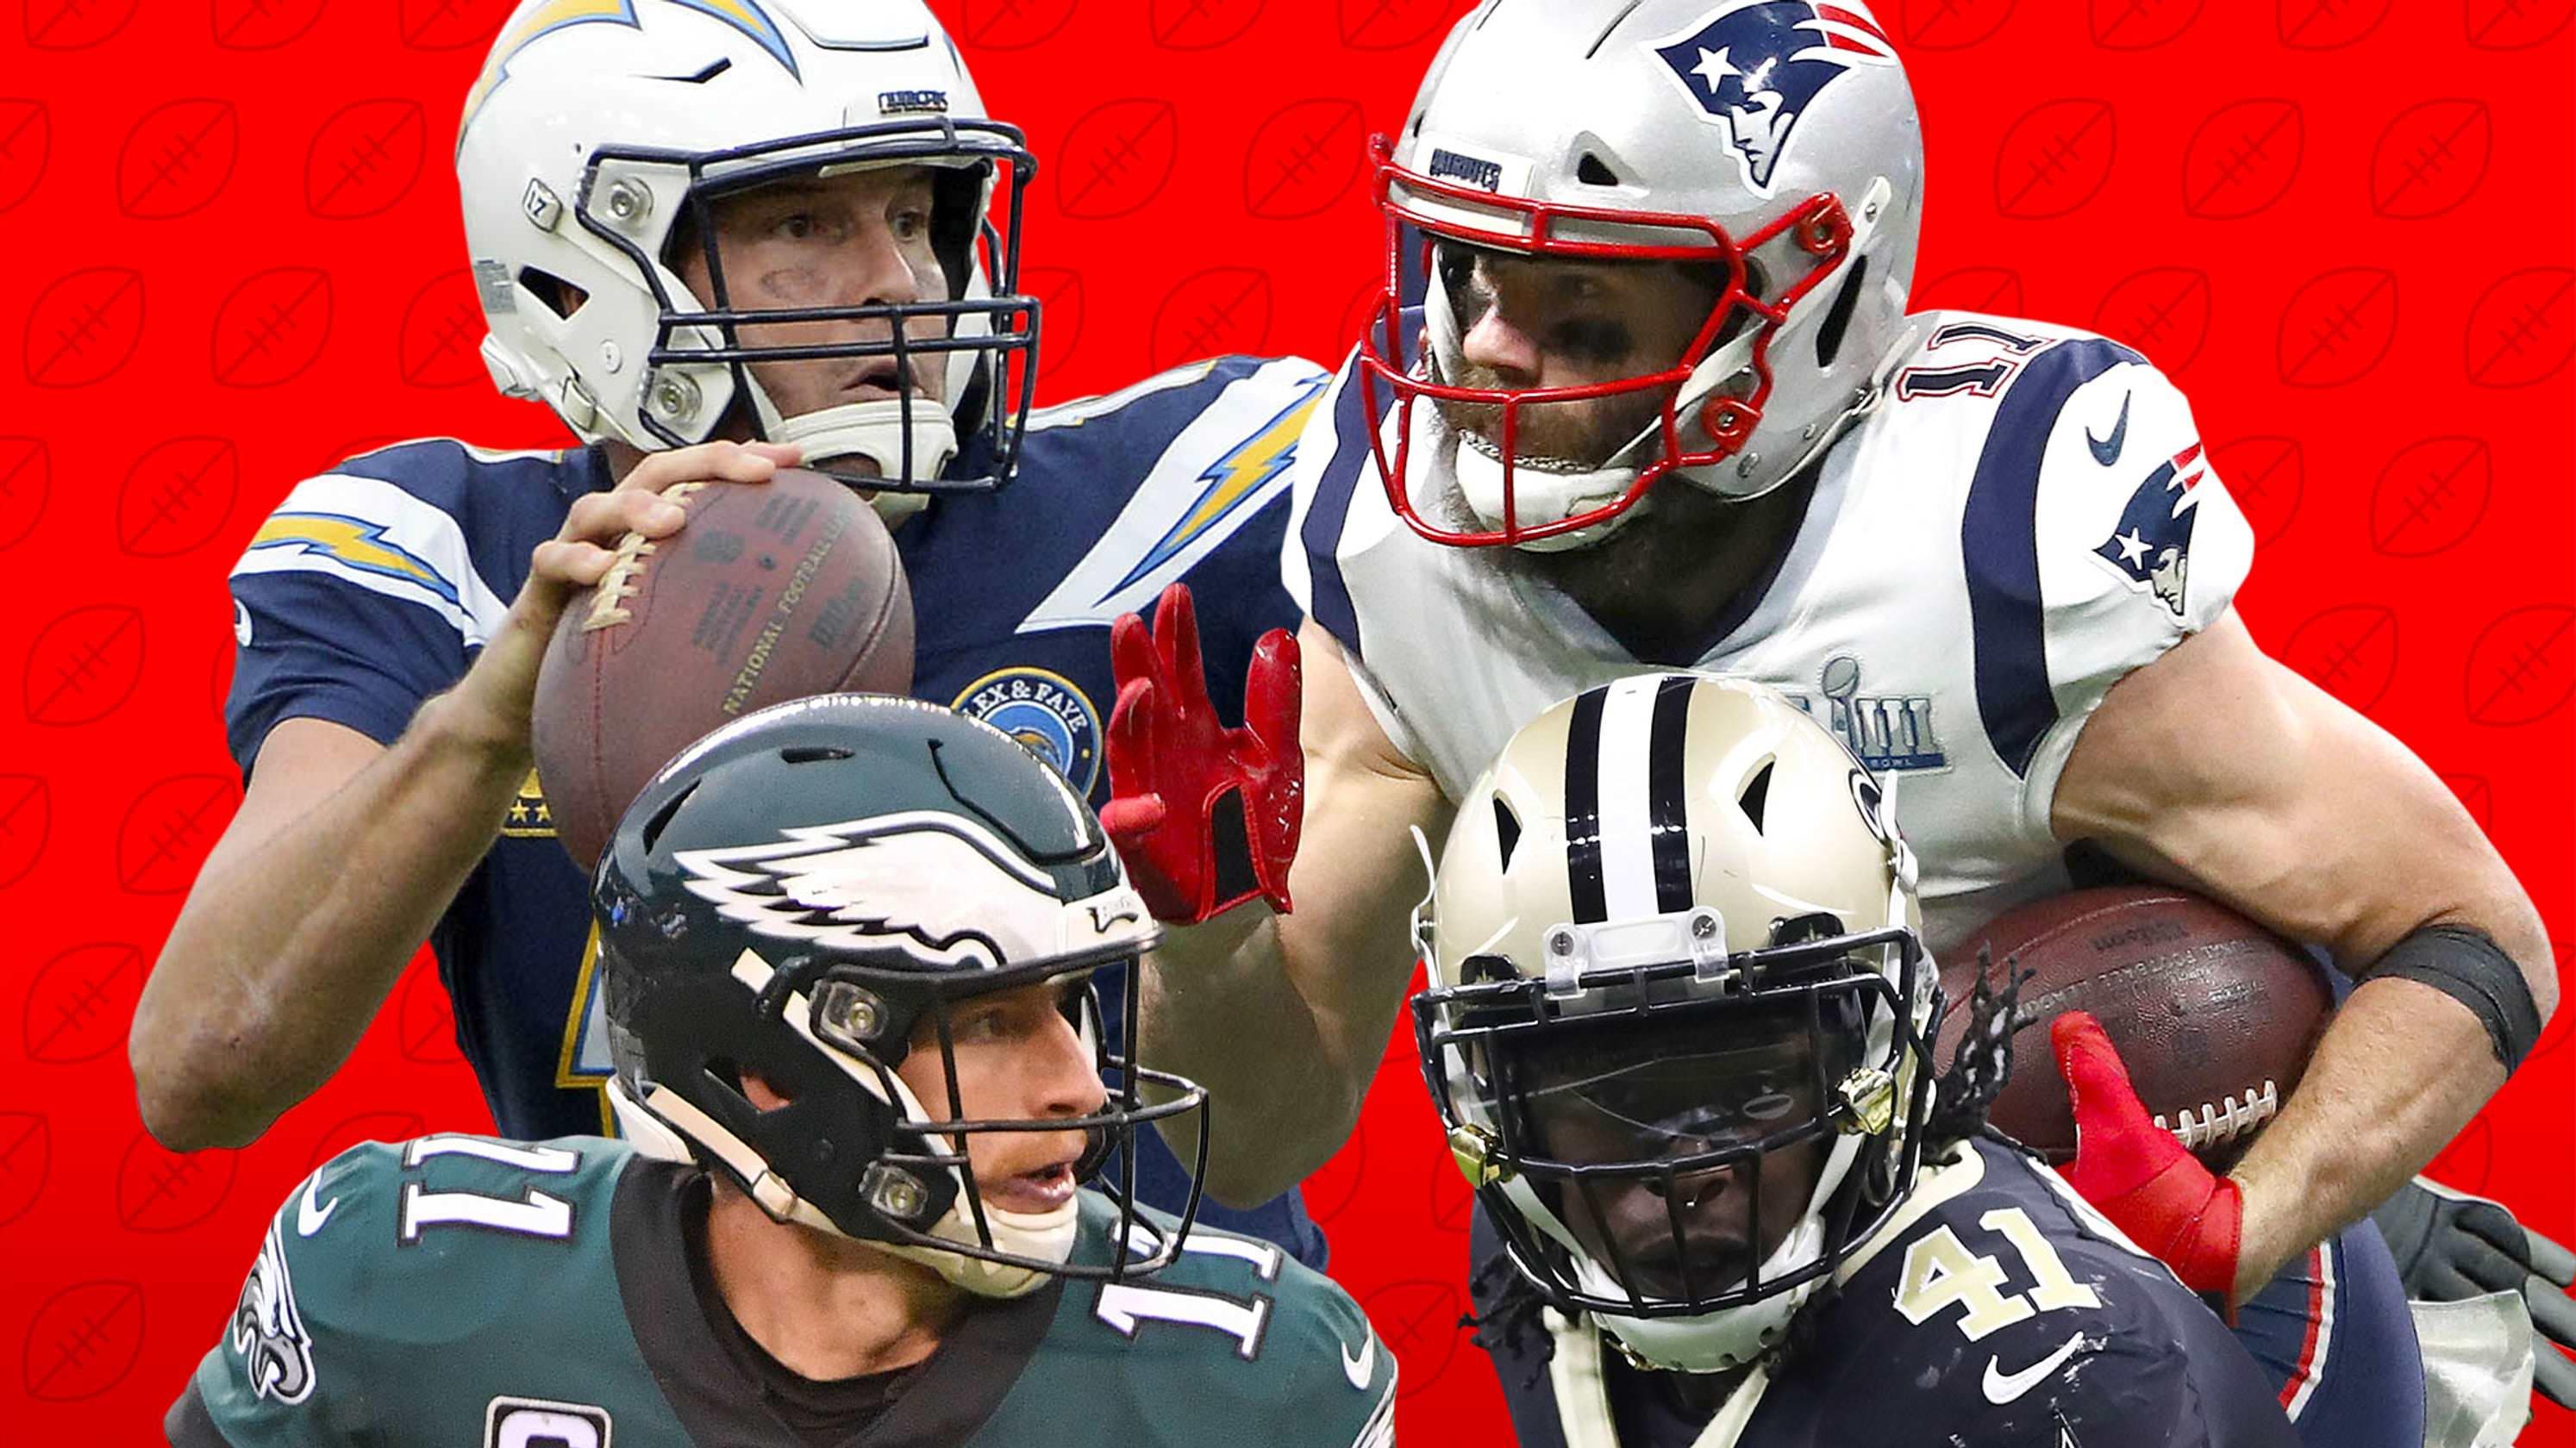 Projeções de registro de 2019 NFL: Os carregadores podem impedir que uma corrida dos patriotas ao LIV da bacia super?